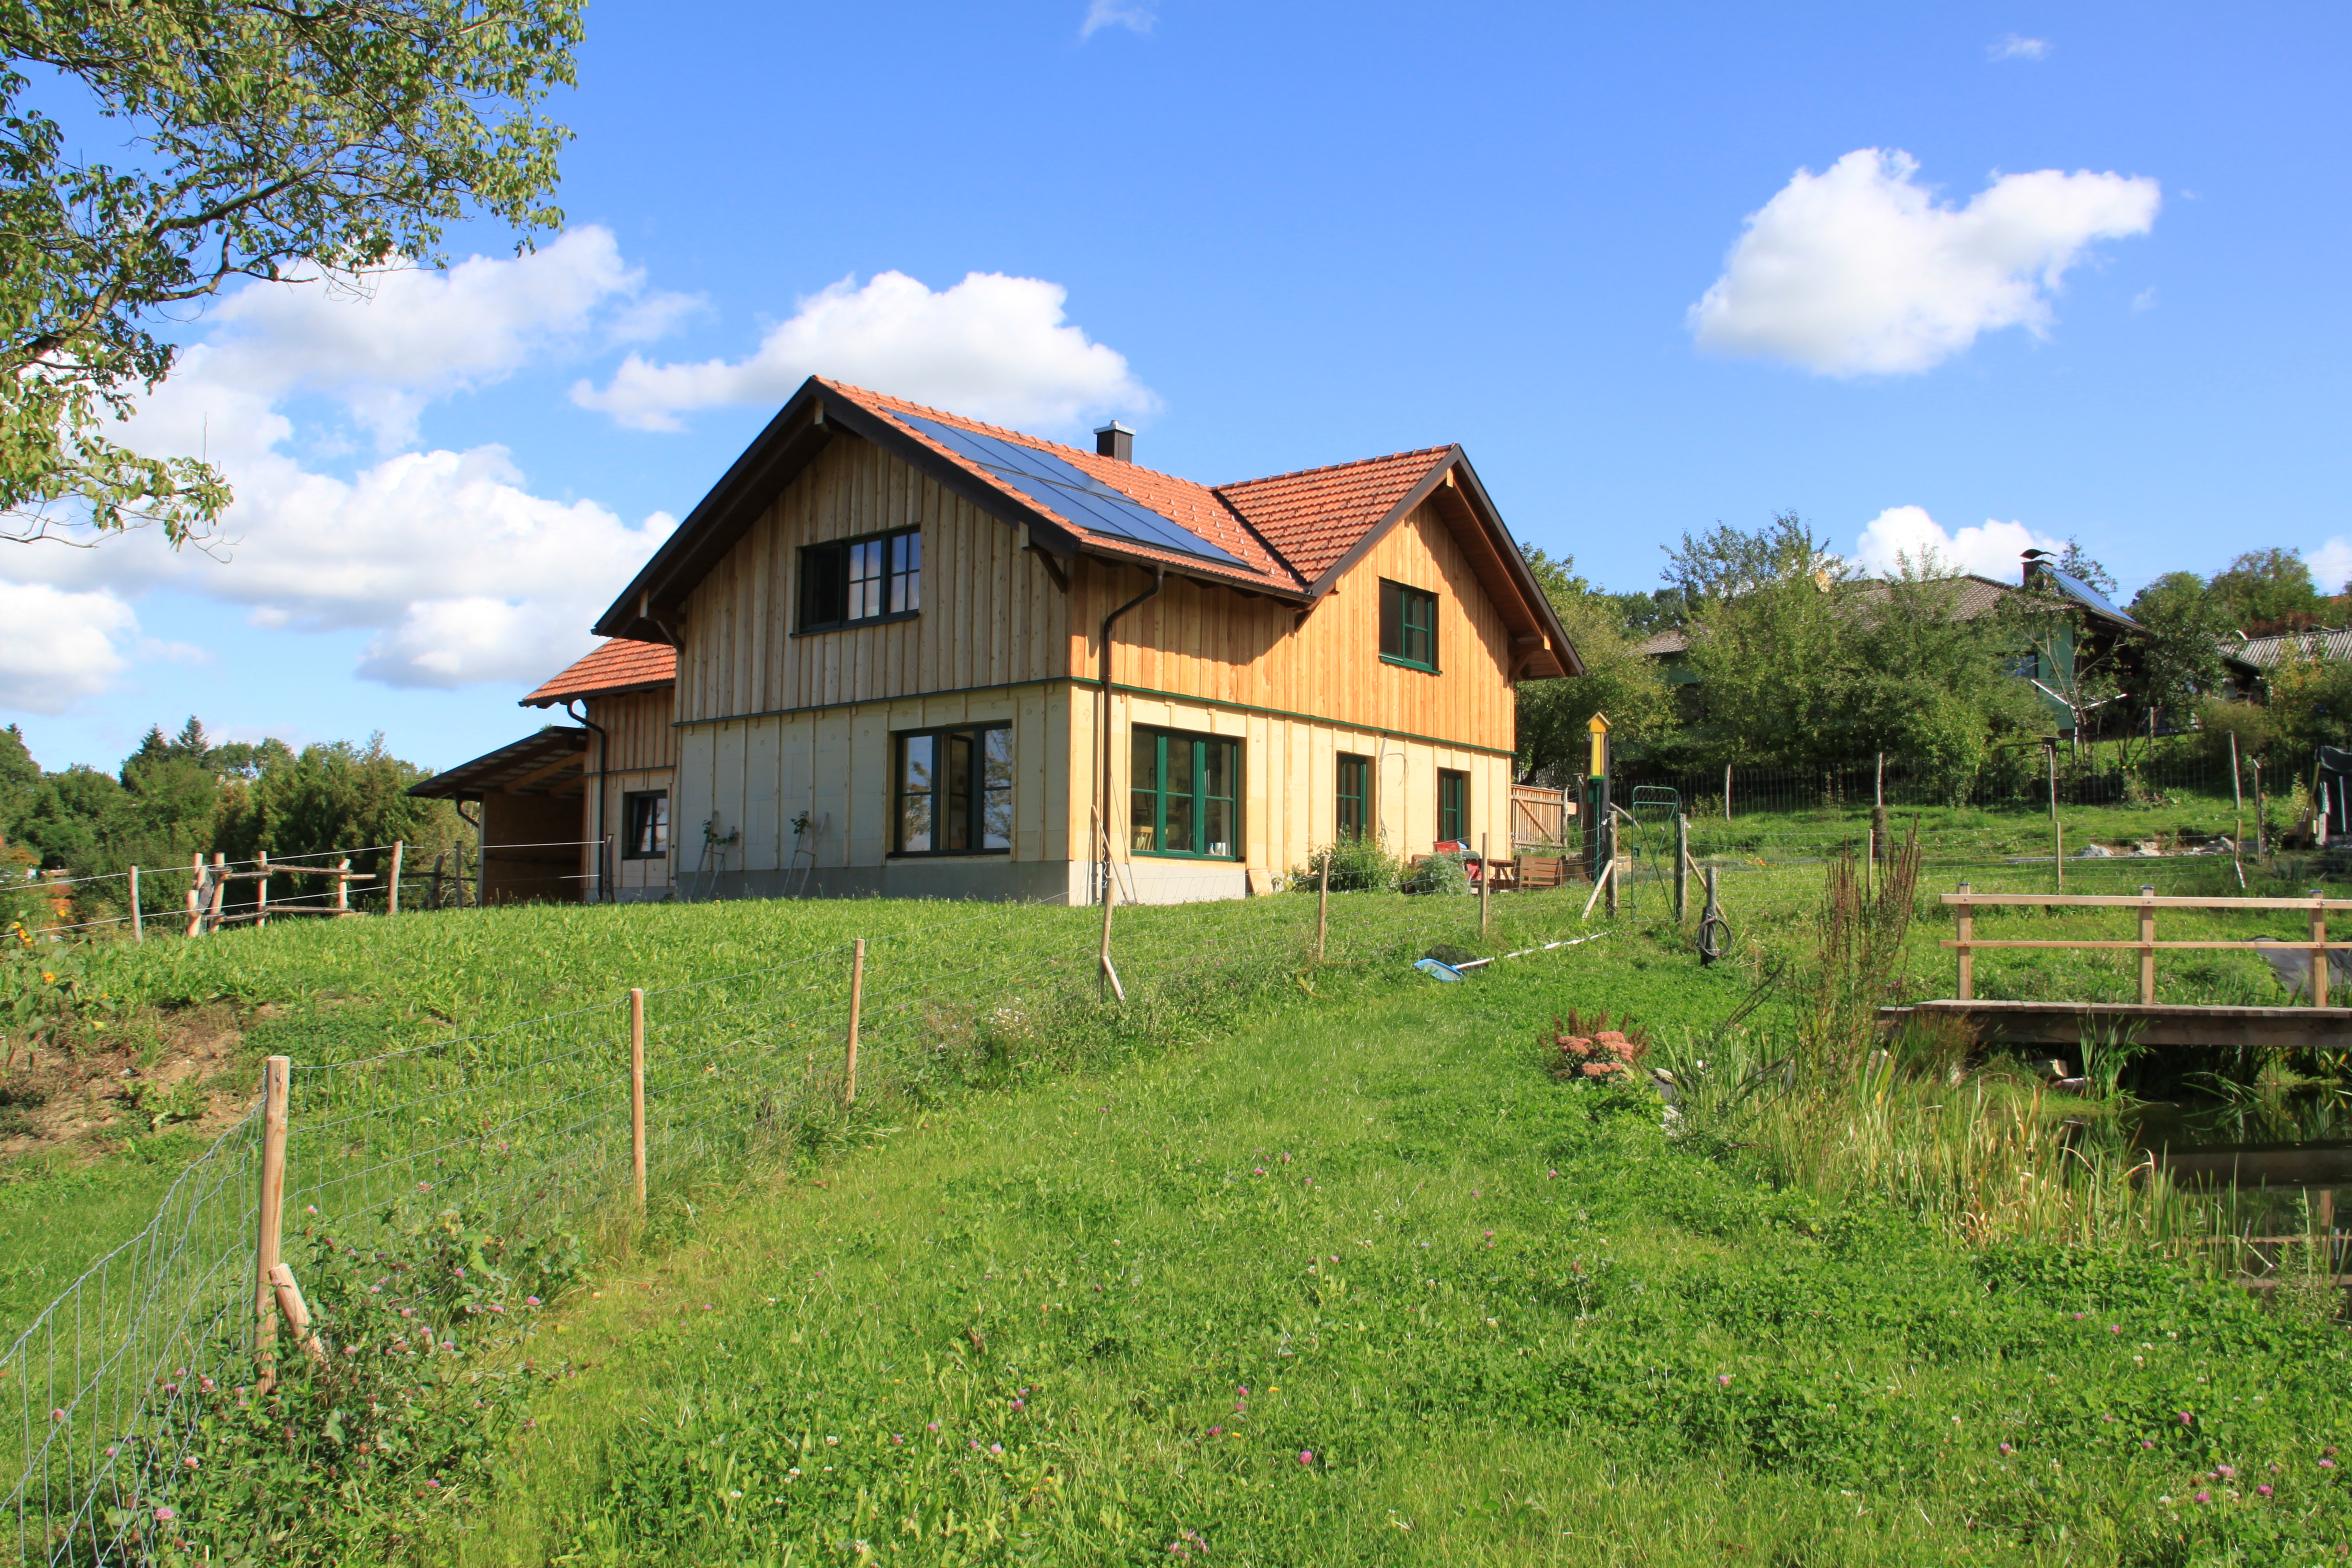 http://www.der-bauberater.at/wp-content/uploads/2017/10/Renovierung_Zubau_06.jpg